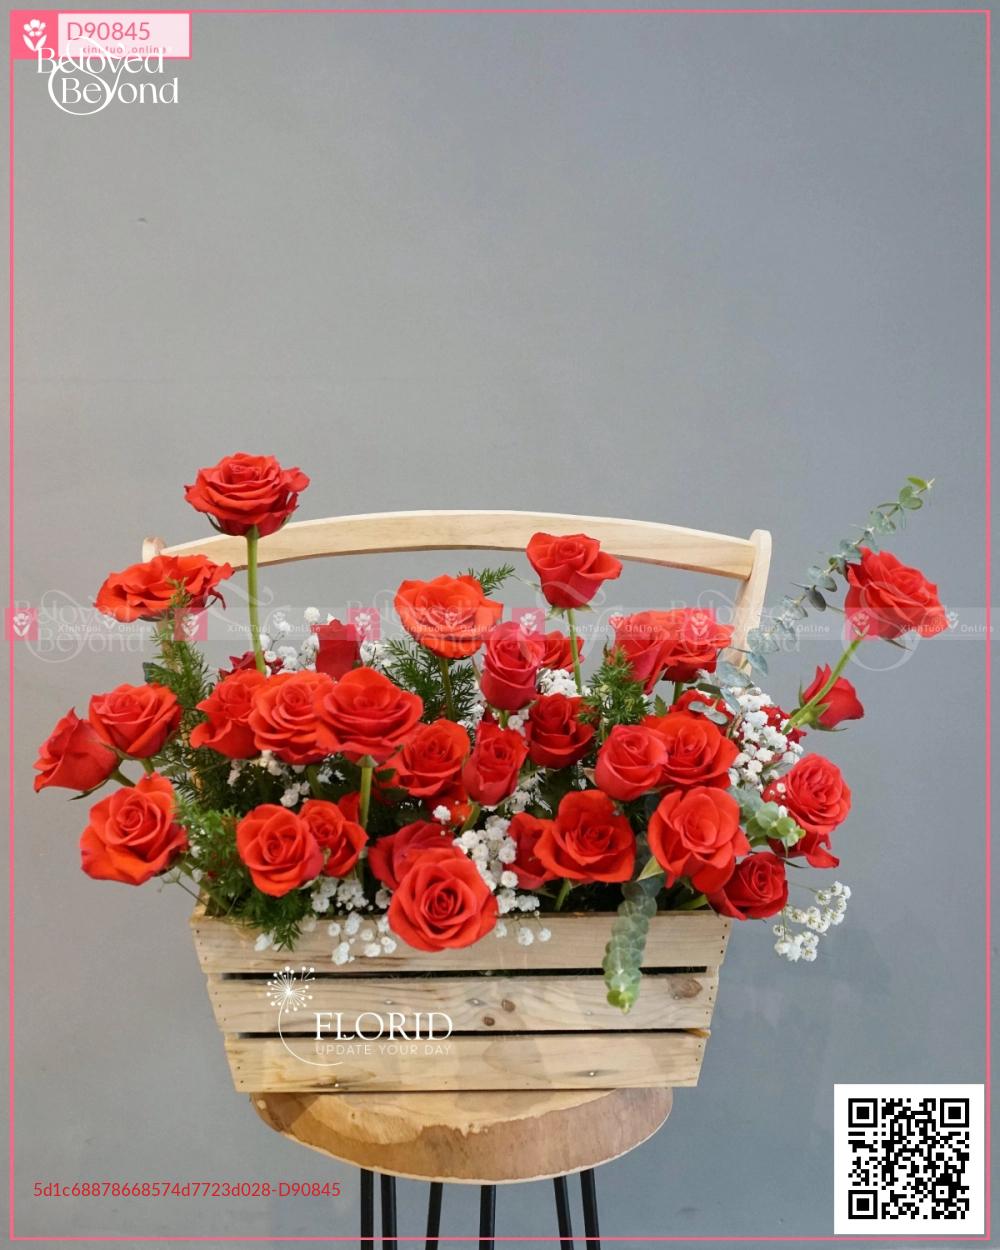 Love - D90845 - xinhtuoi.online